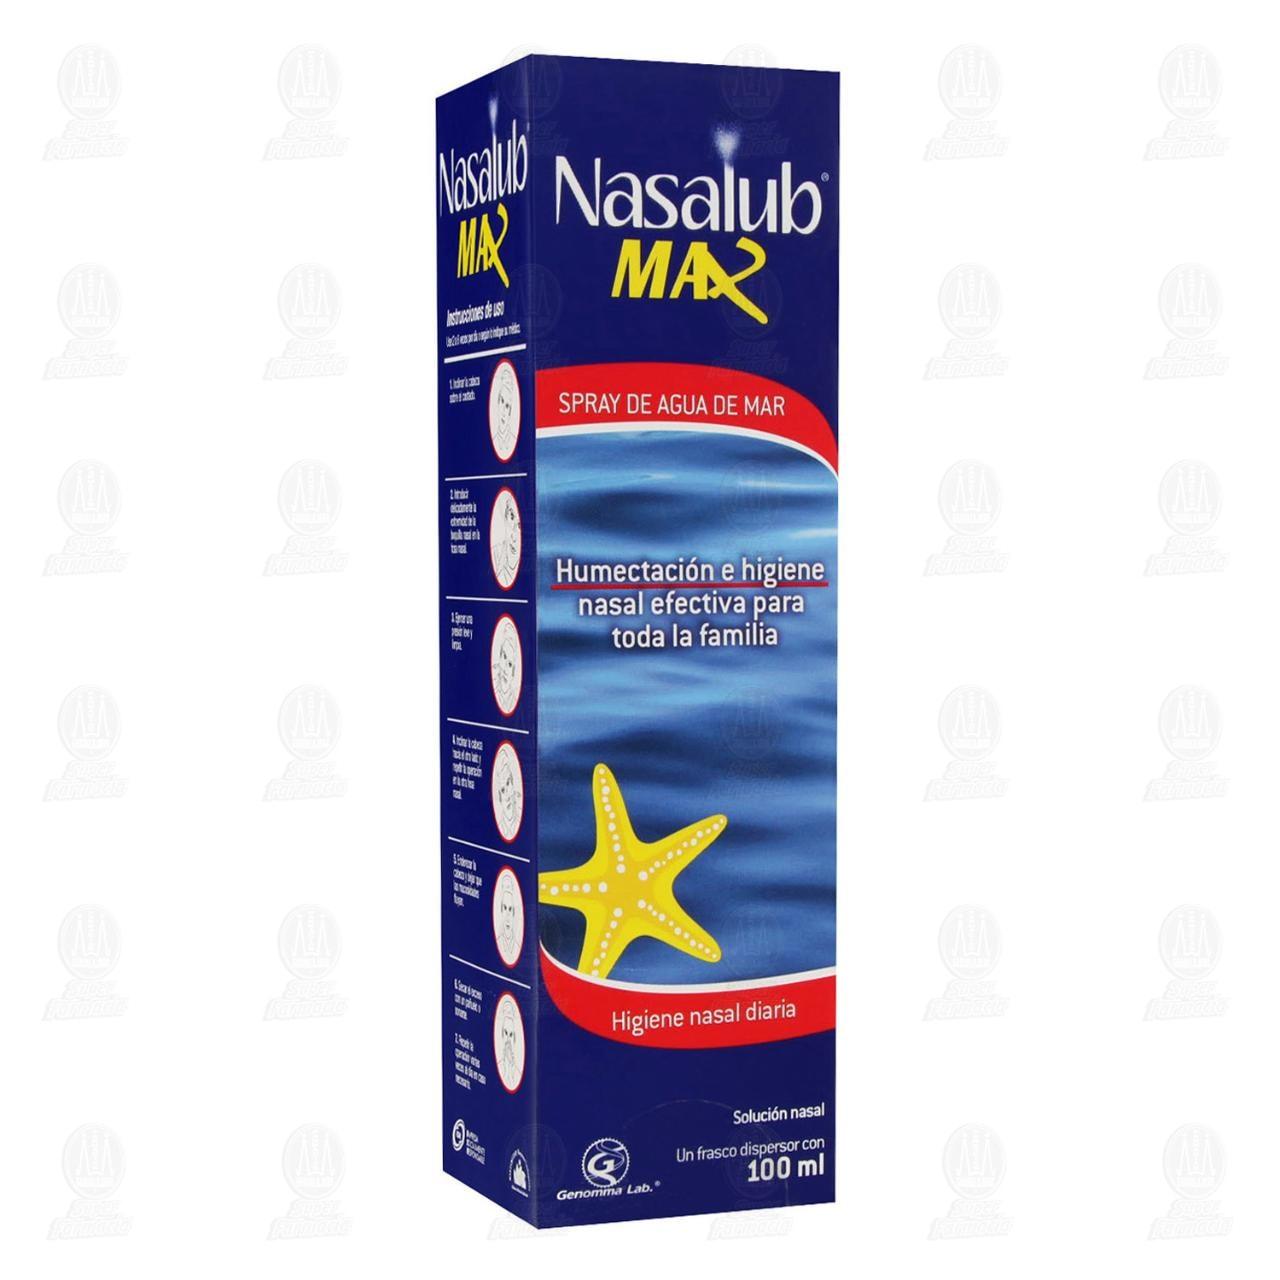 comprar https://www.movil.farmaciasguadalajara.com/wcsstore/FGCAS/wcs/products/1097539_A_1280_AL.jpg en farmacias guadalajara